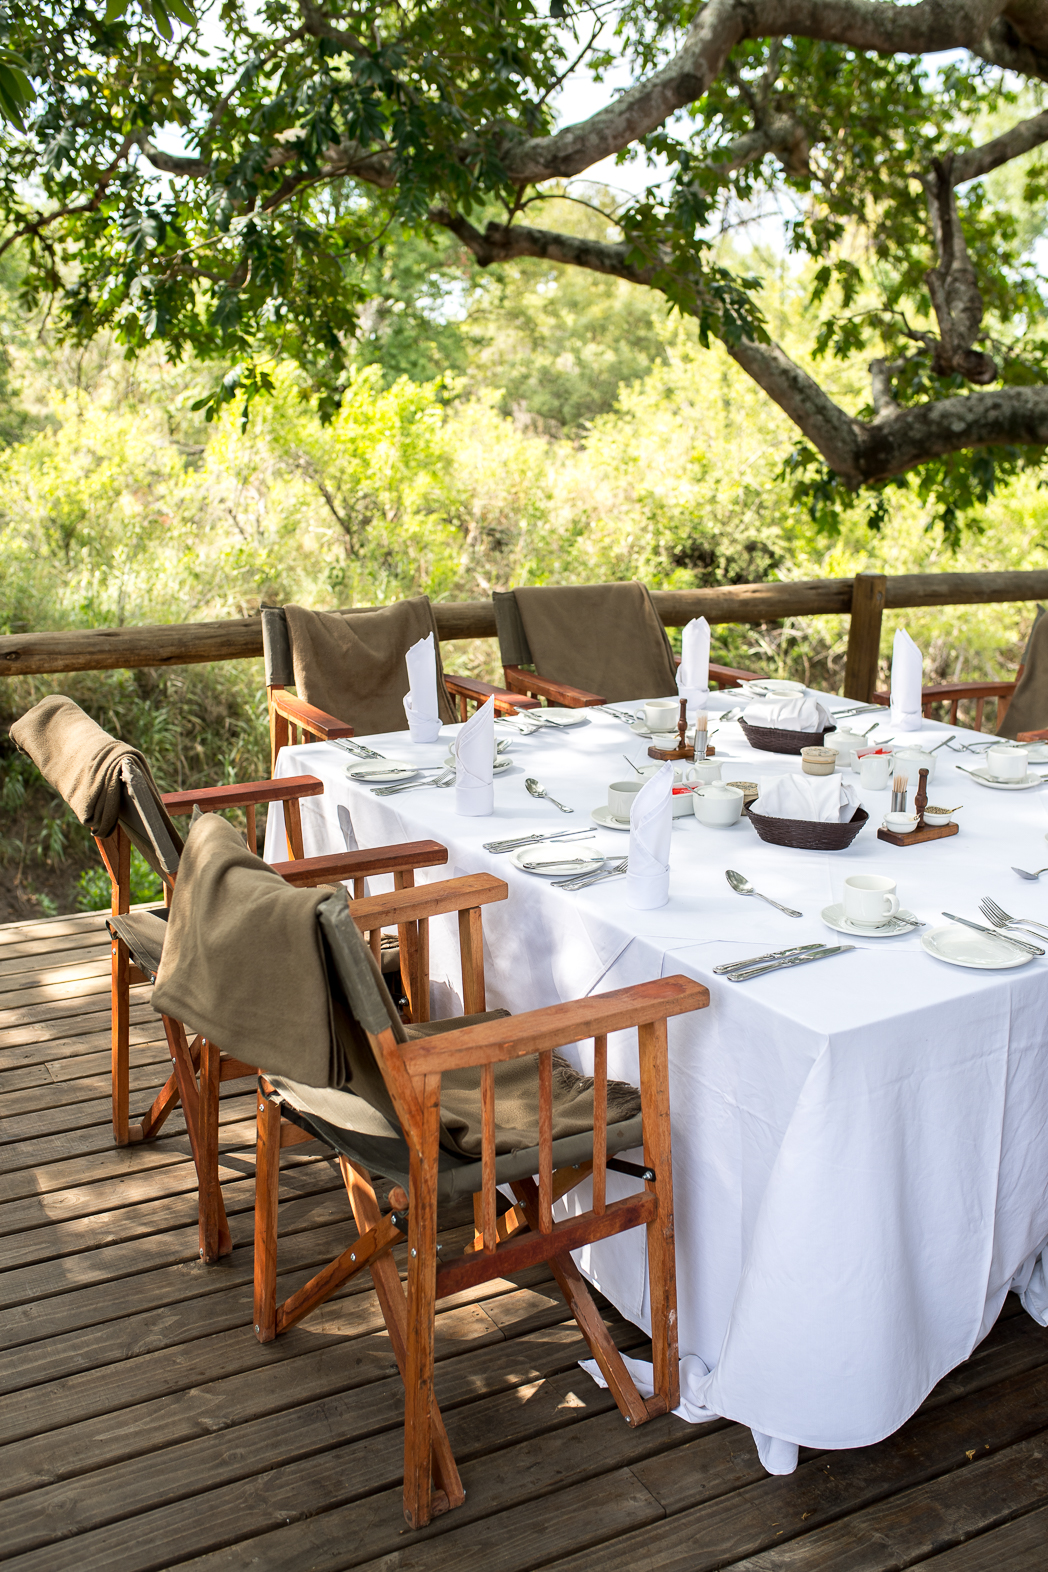 Stacie Flinner Sabi Sabi Selati Camp Kruger-24.jpg